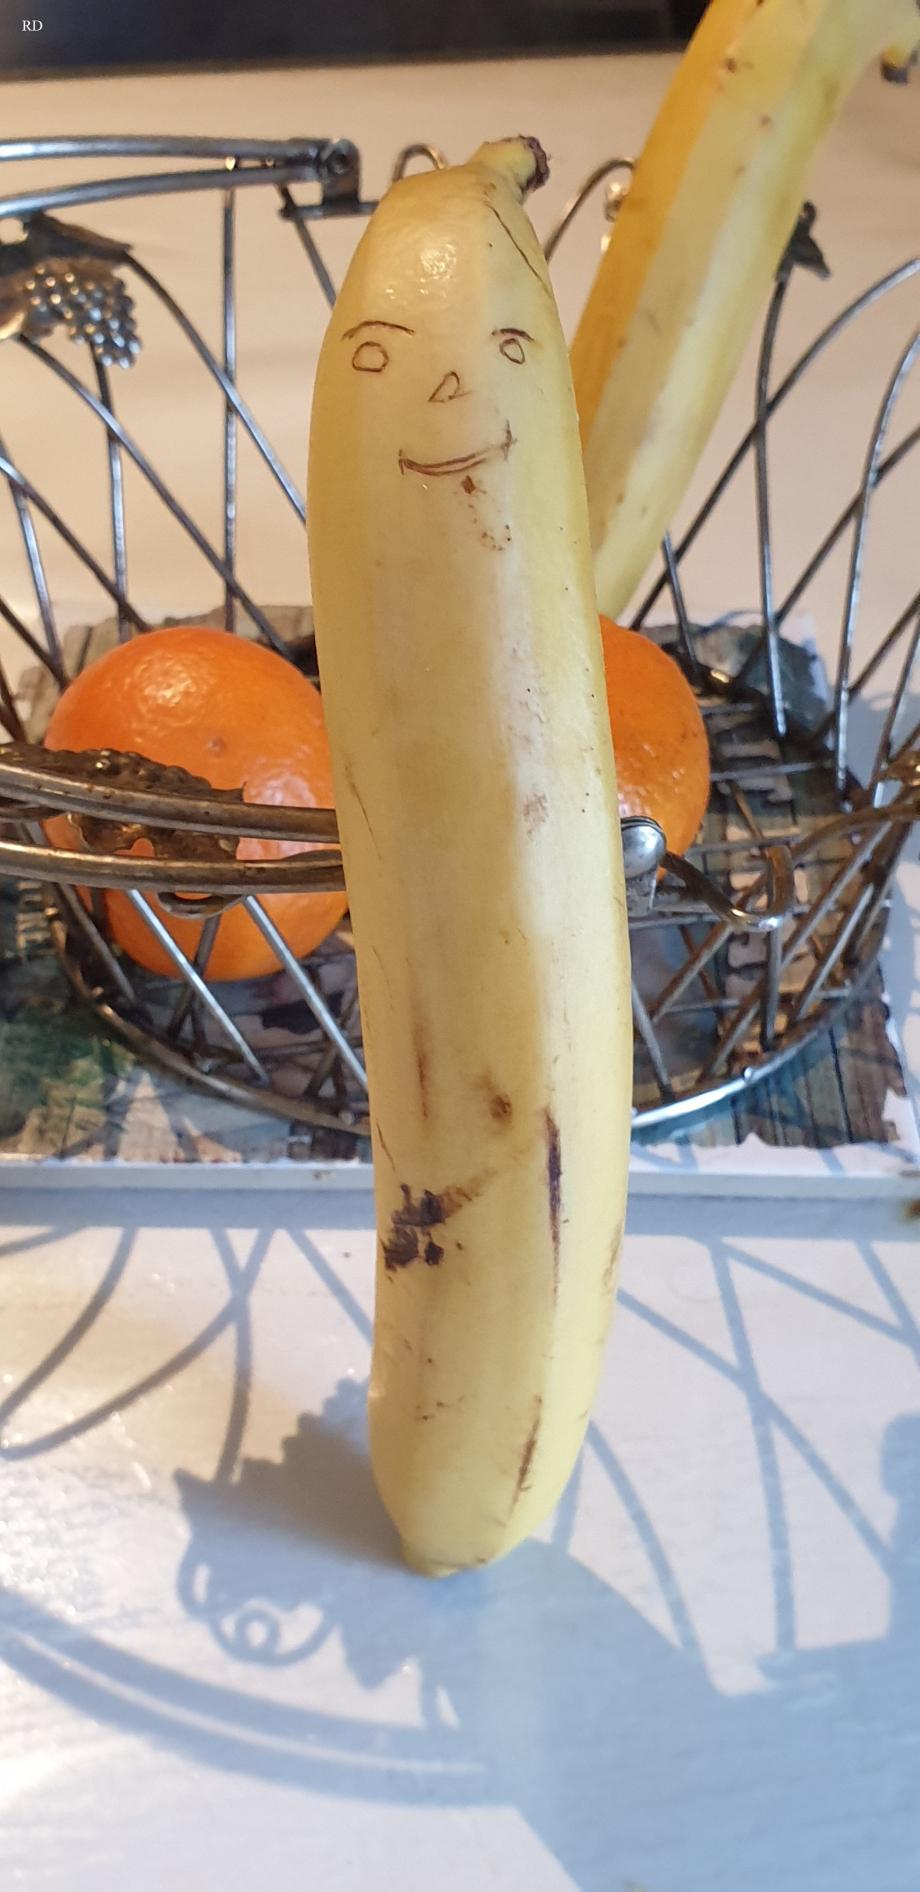 Banane va....jpg